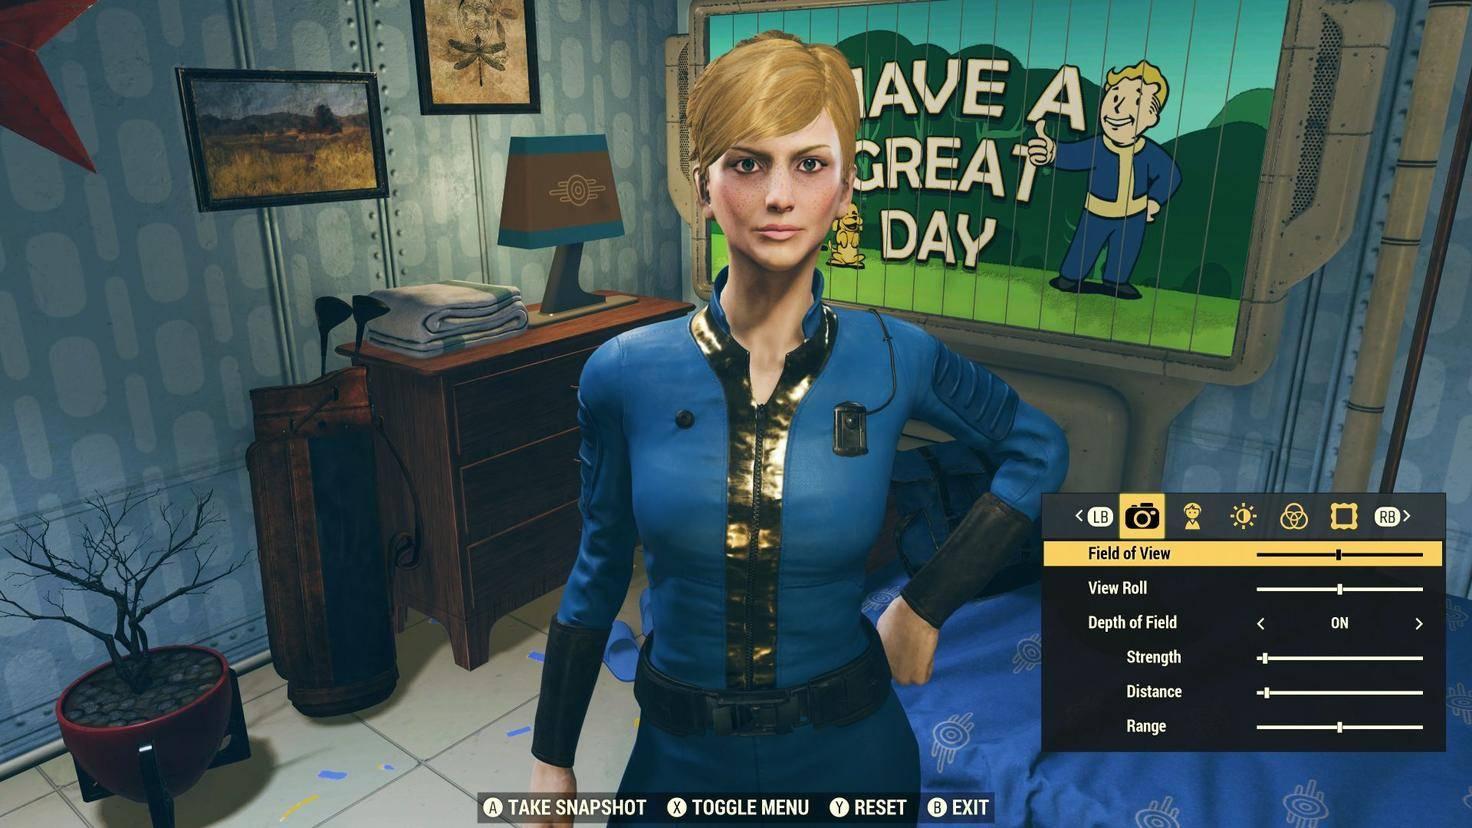 Mit dem Charakter-Editor kannst Du Dir wunderbar hässliche Figuren bauen (womit natürlich nicht diese Lady, gemeint ist).